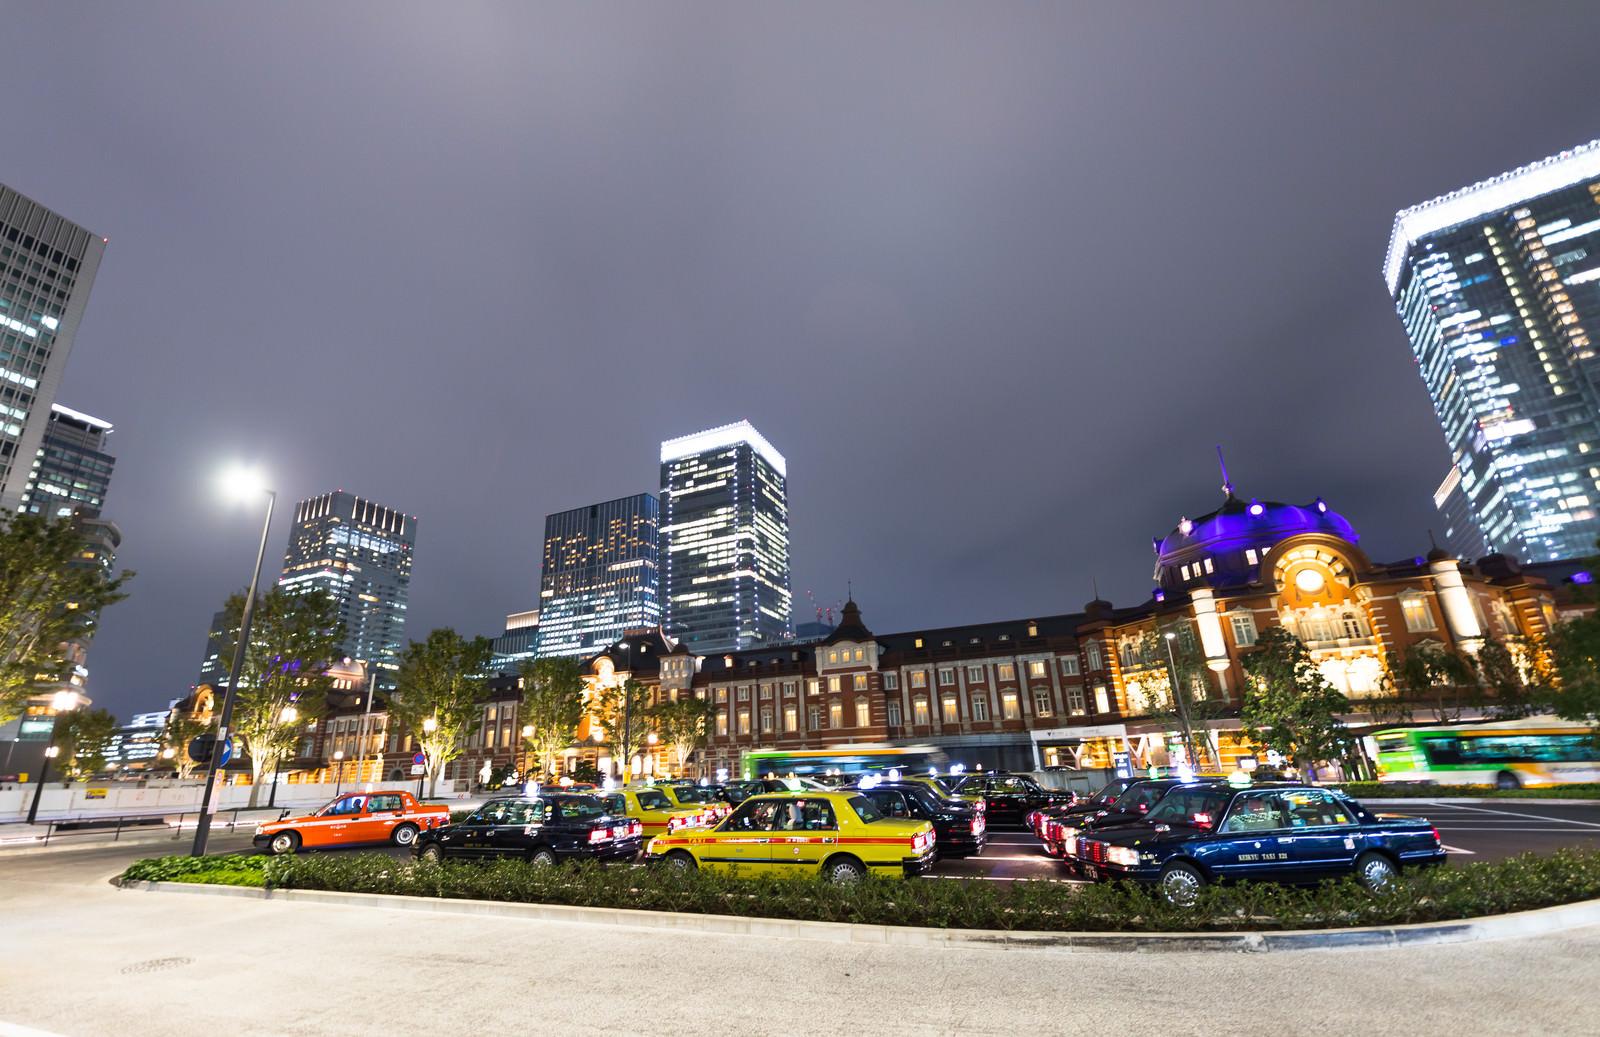 東京駅前のタクシー停留所のフリー素材